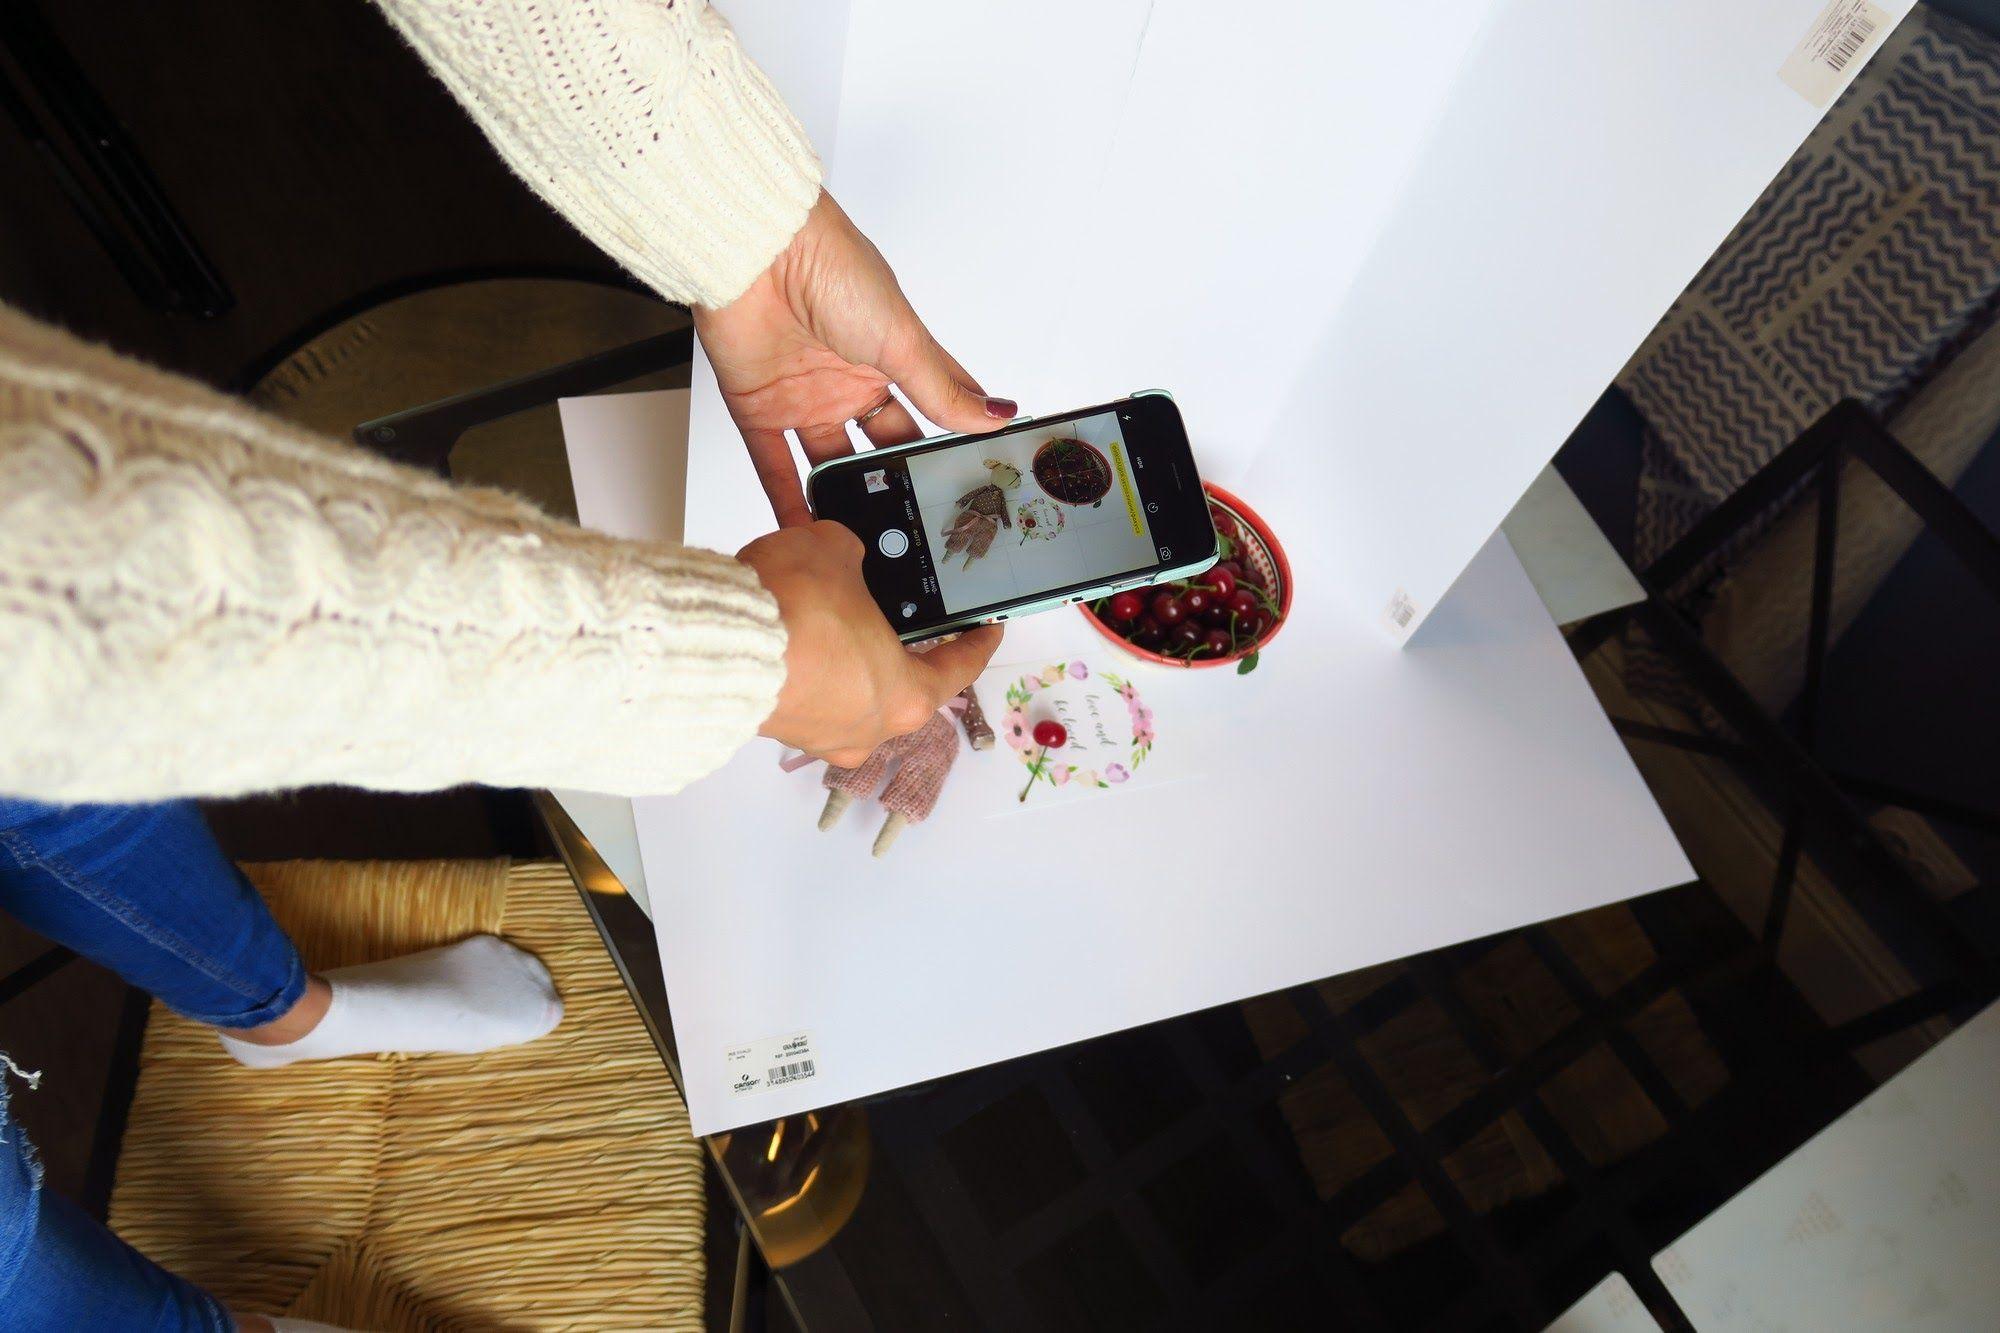 Как снимать флетлей для Instagram: гайд по мобильному фото из дома